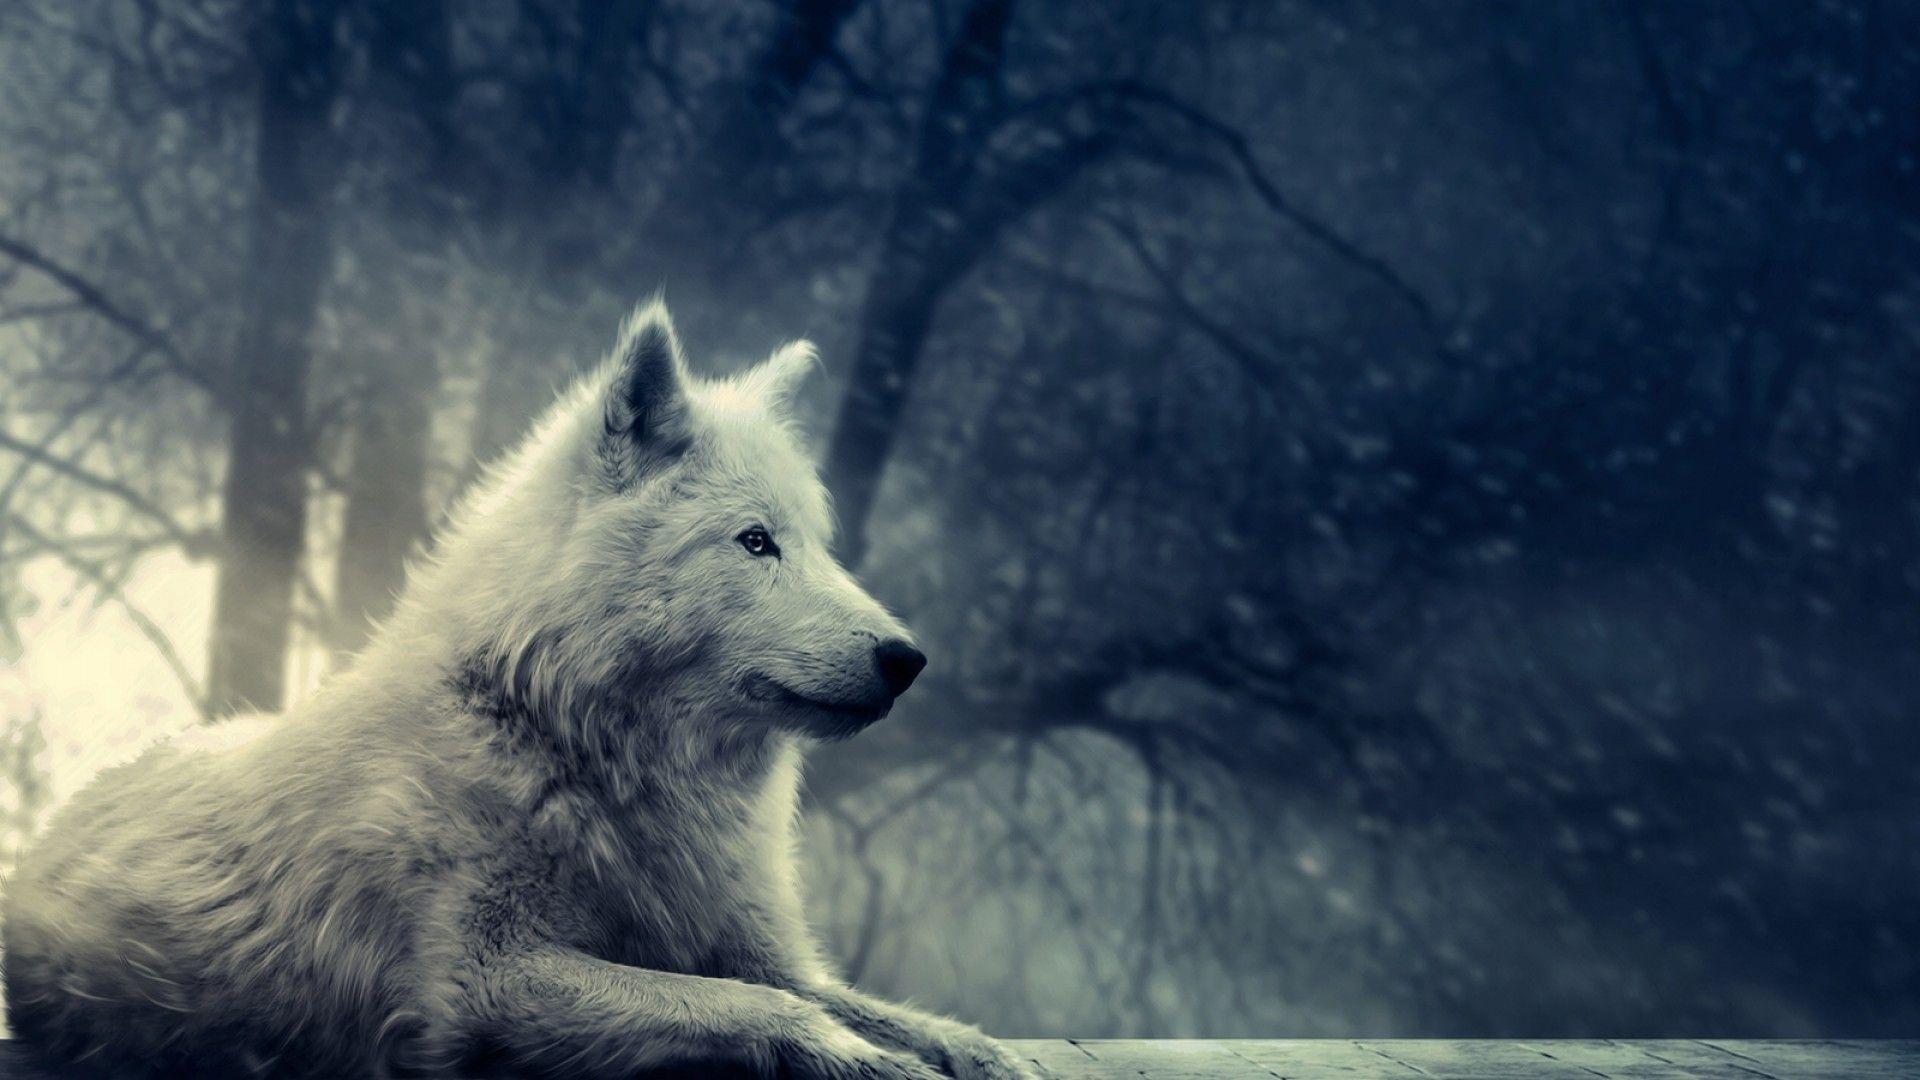 white wolf wallpaper 19858 1920x1080 px ~ hdwallsource